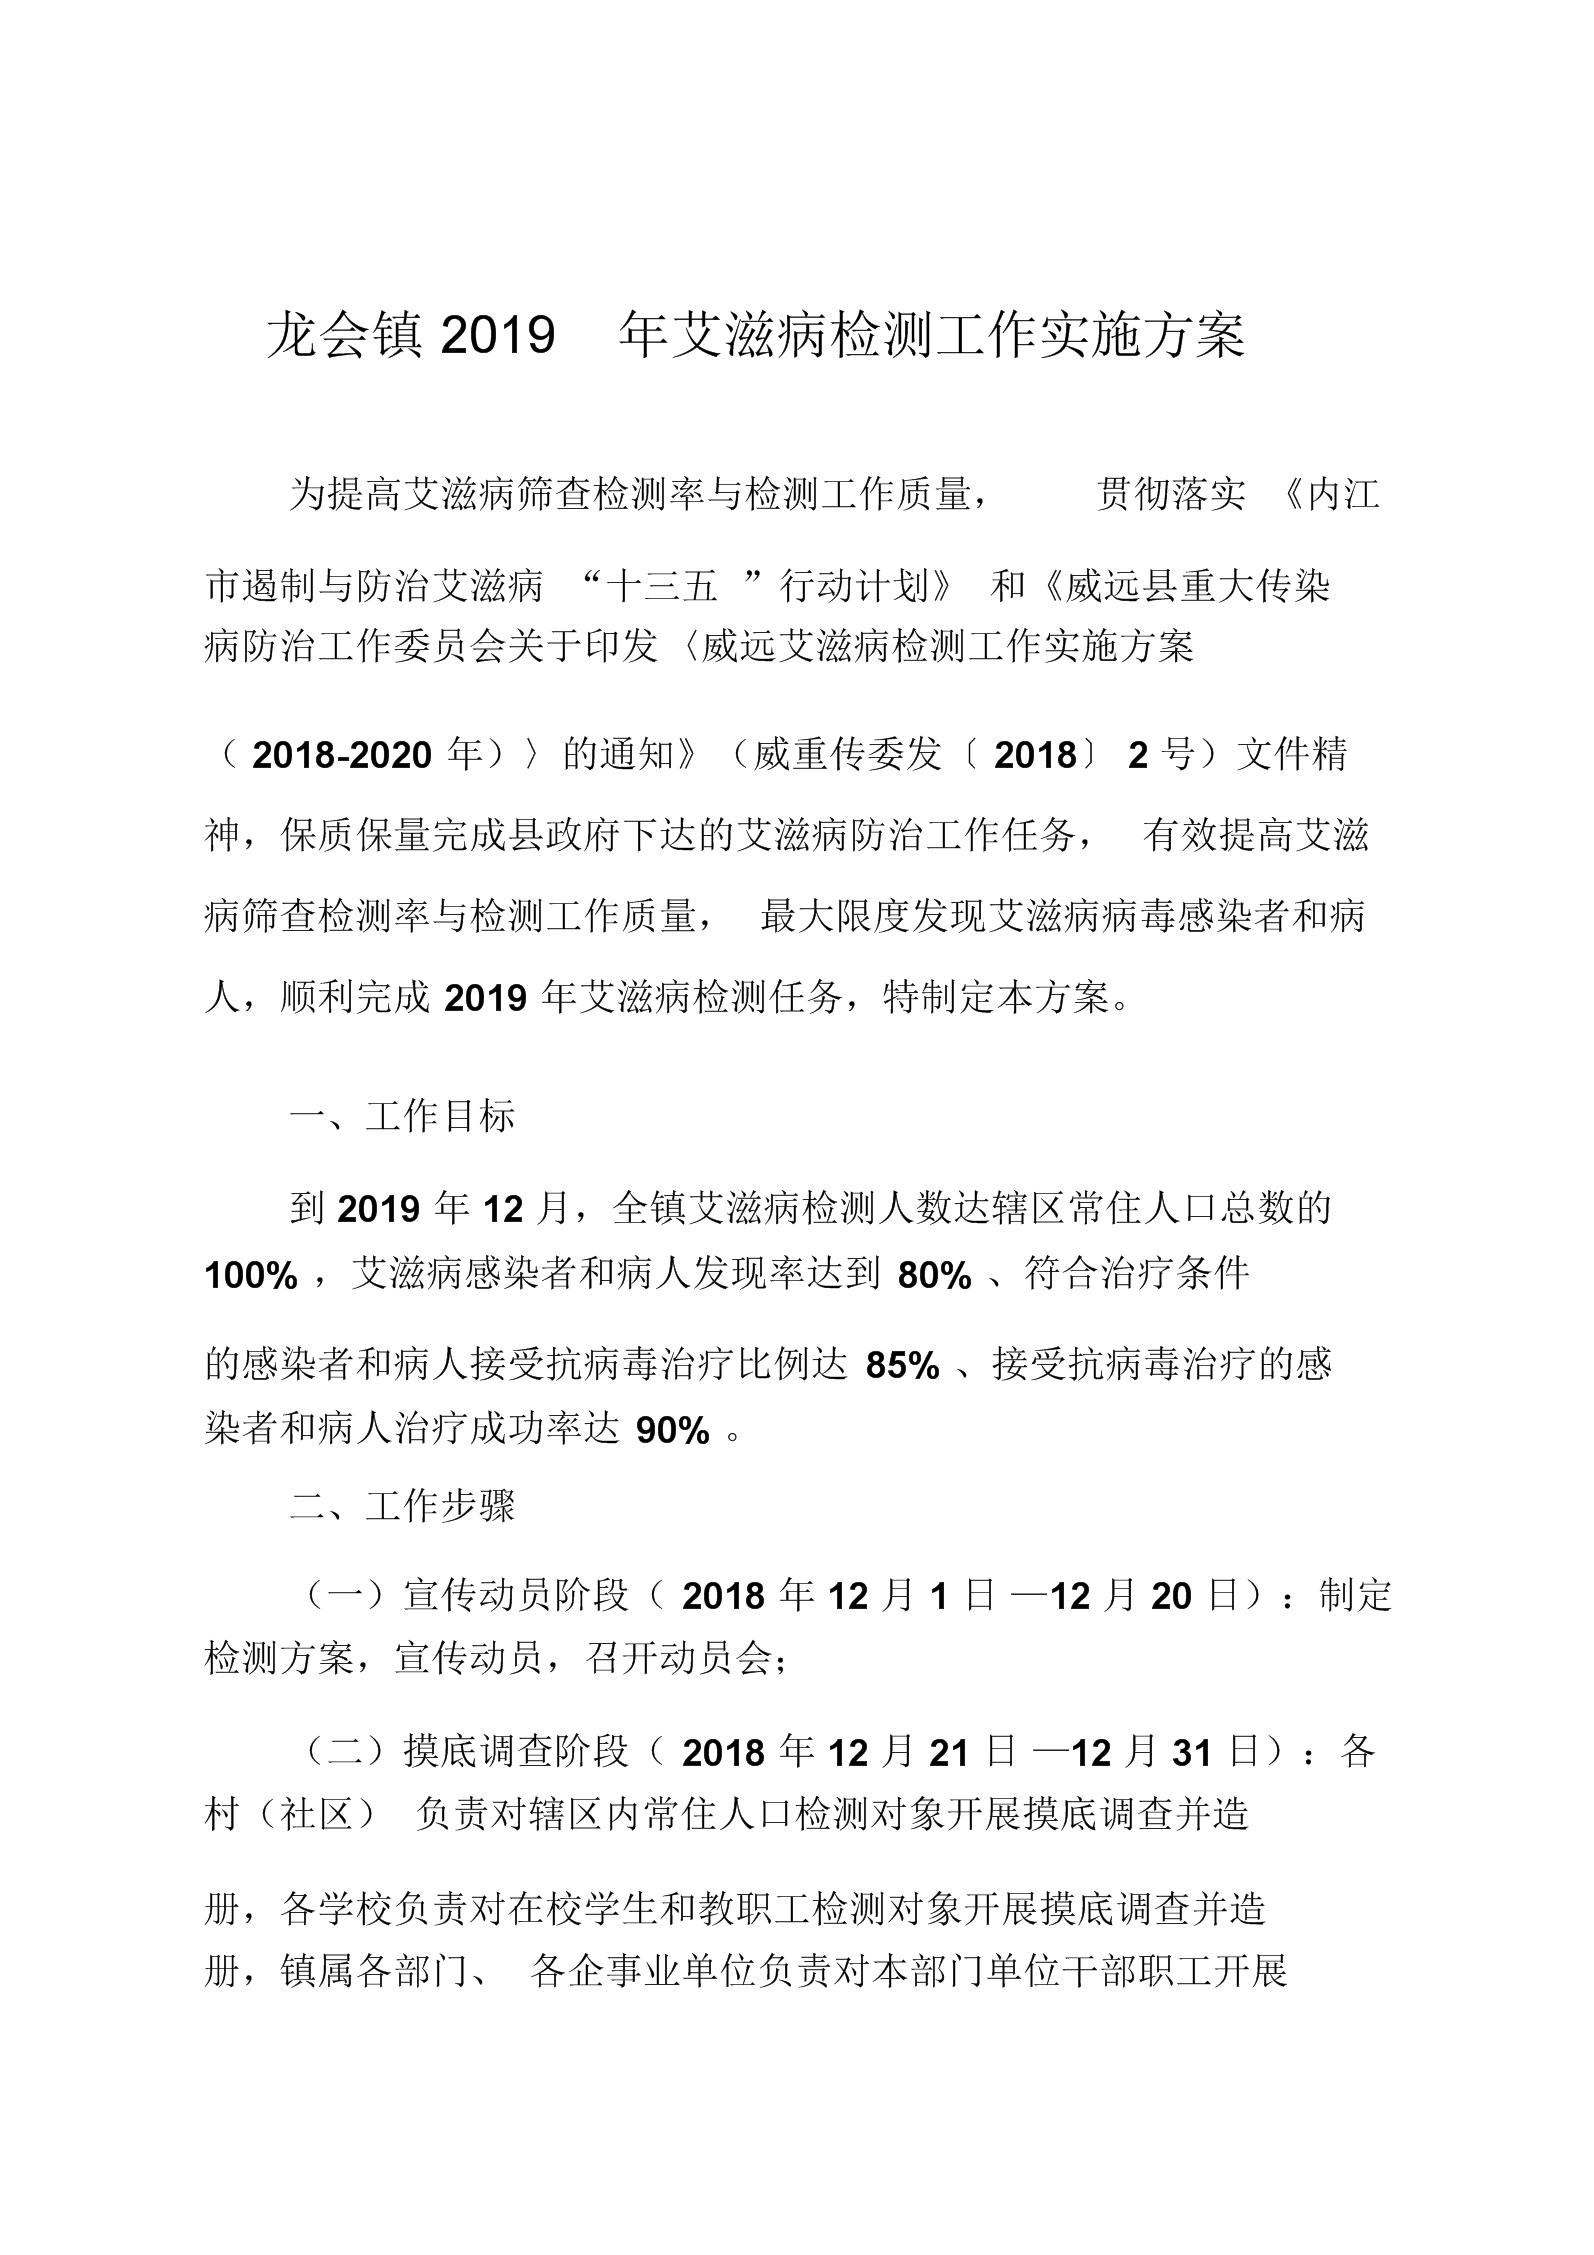 龙会镇艾滋病检测工作实施方案.docx